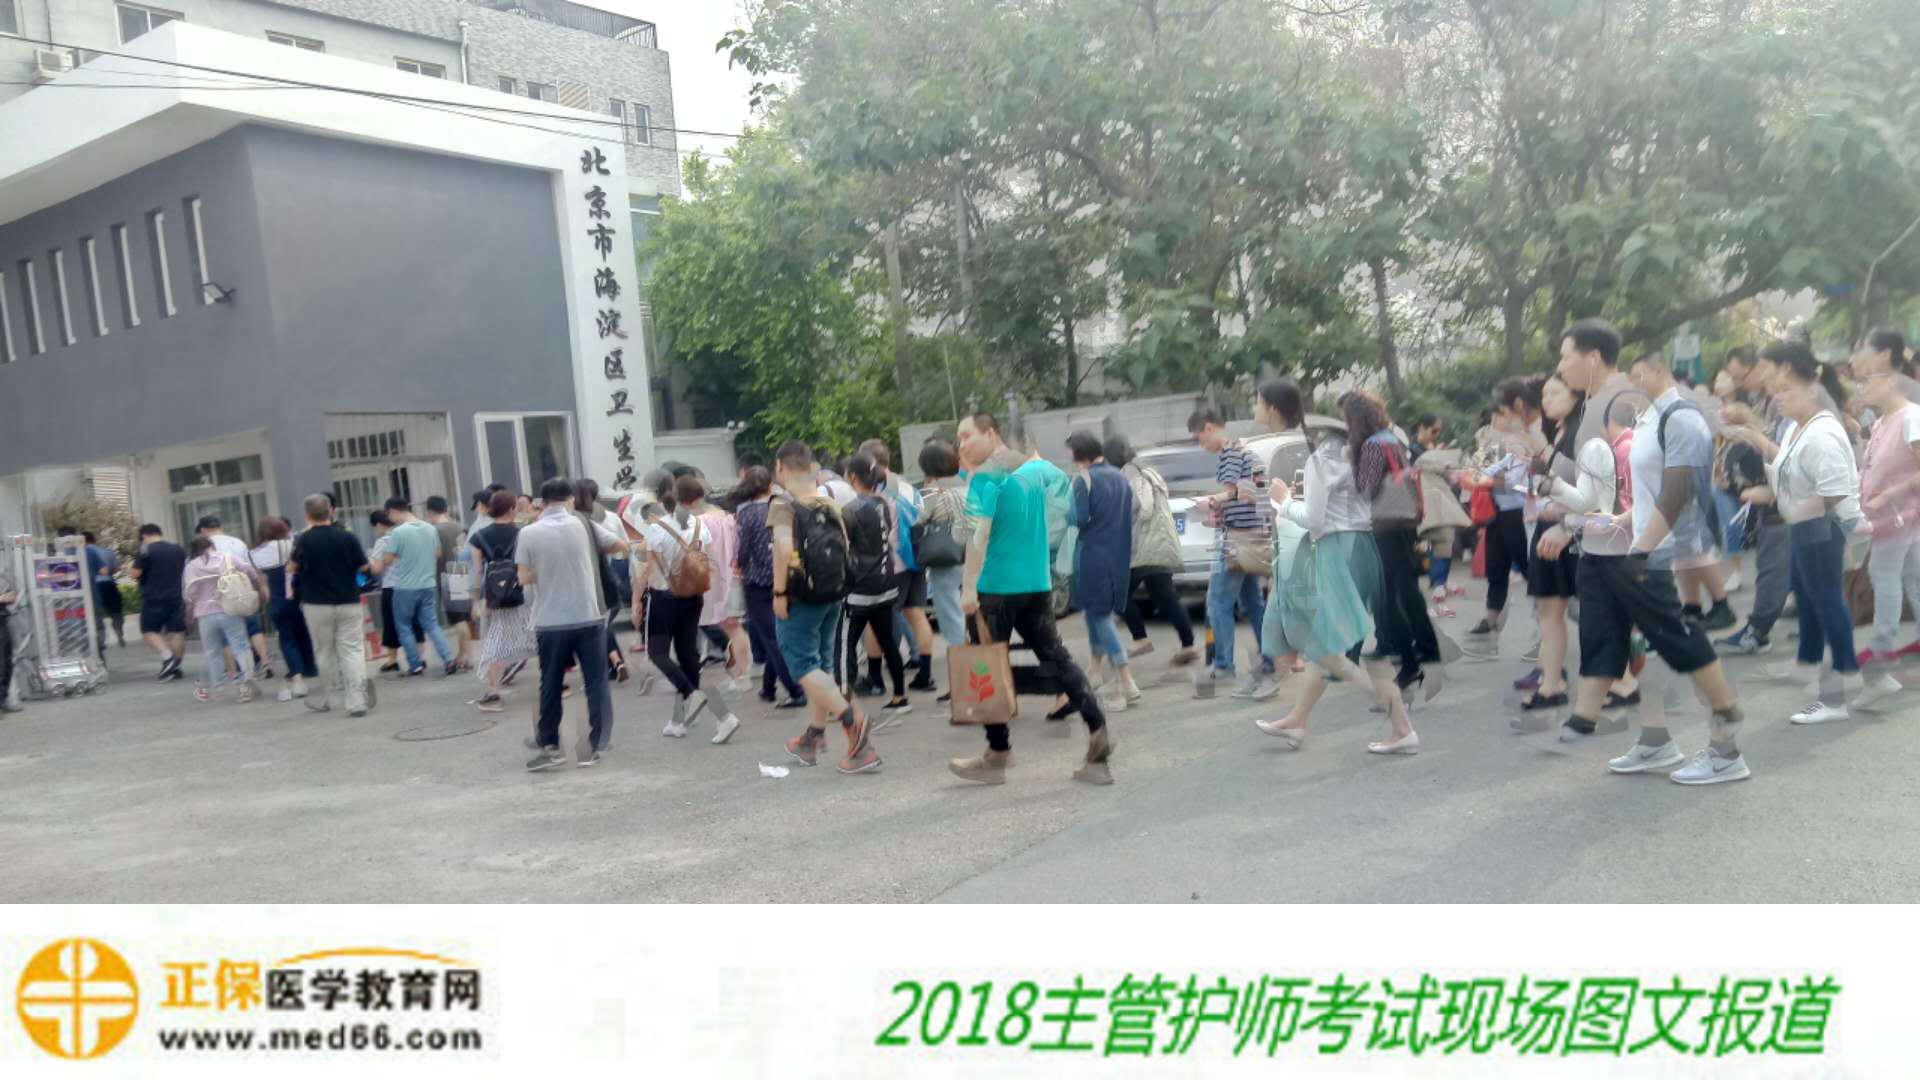 2018年主管护师考试于5月26日顺利开考-图文报道